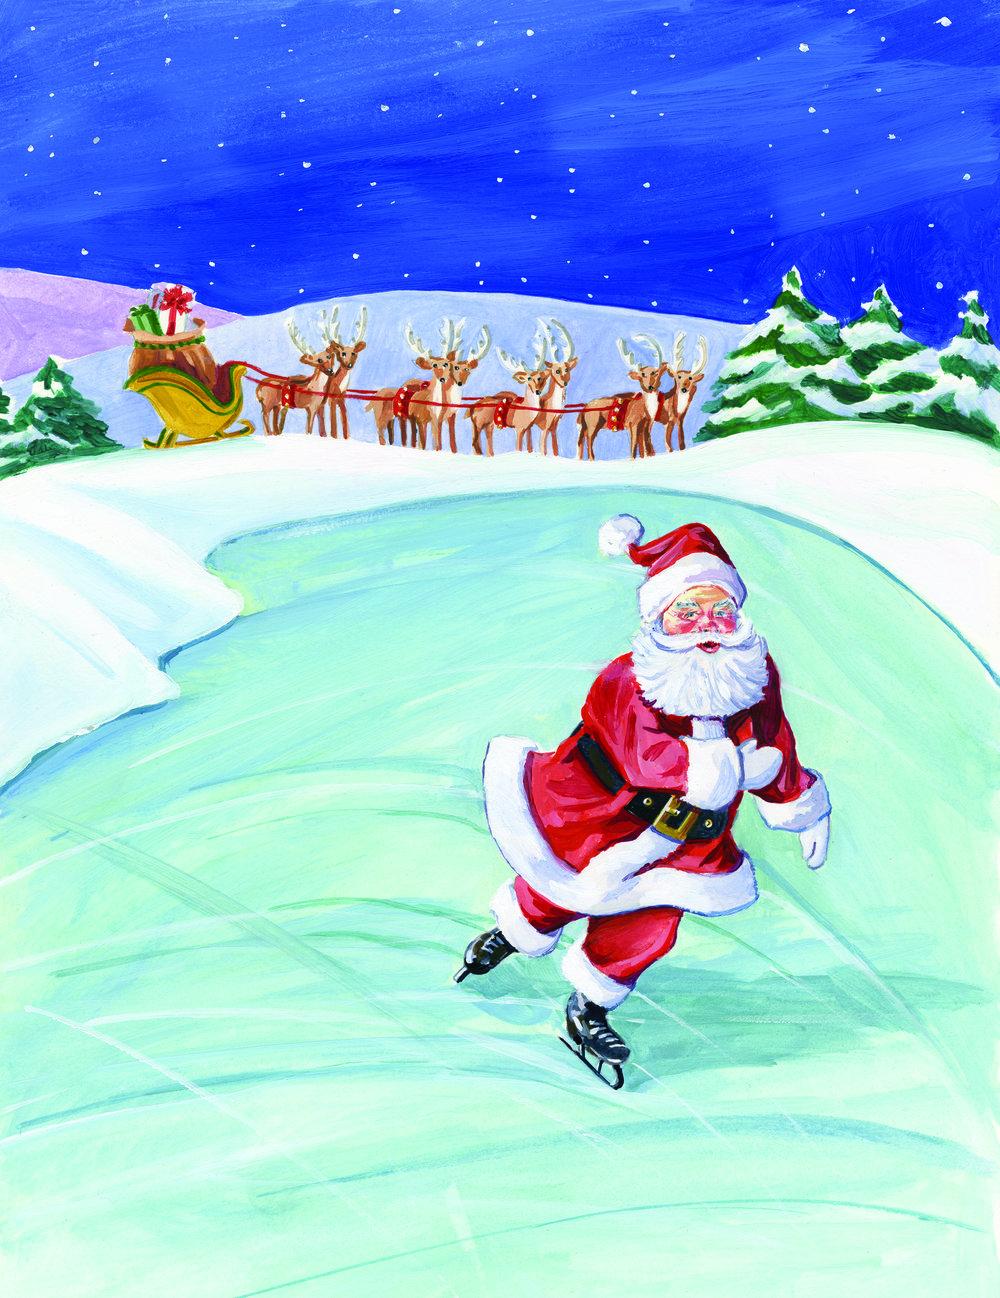 Christmas_2016_Santa_Skating_ill.jpg